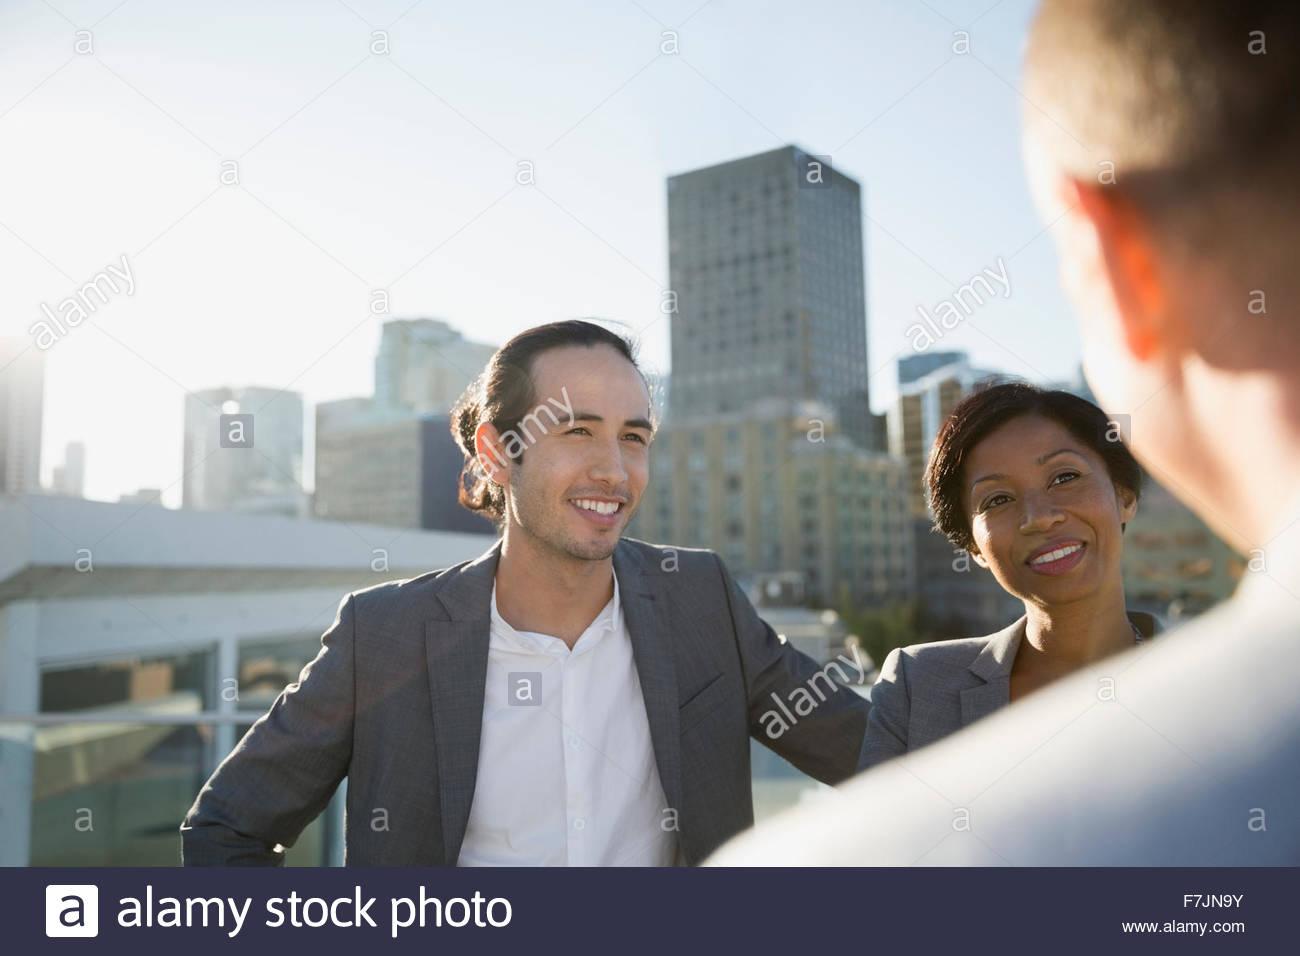 Personas hablando de negocios en la soleada azotea urbana Imagen De Stock